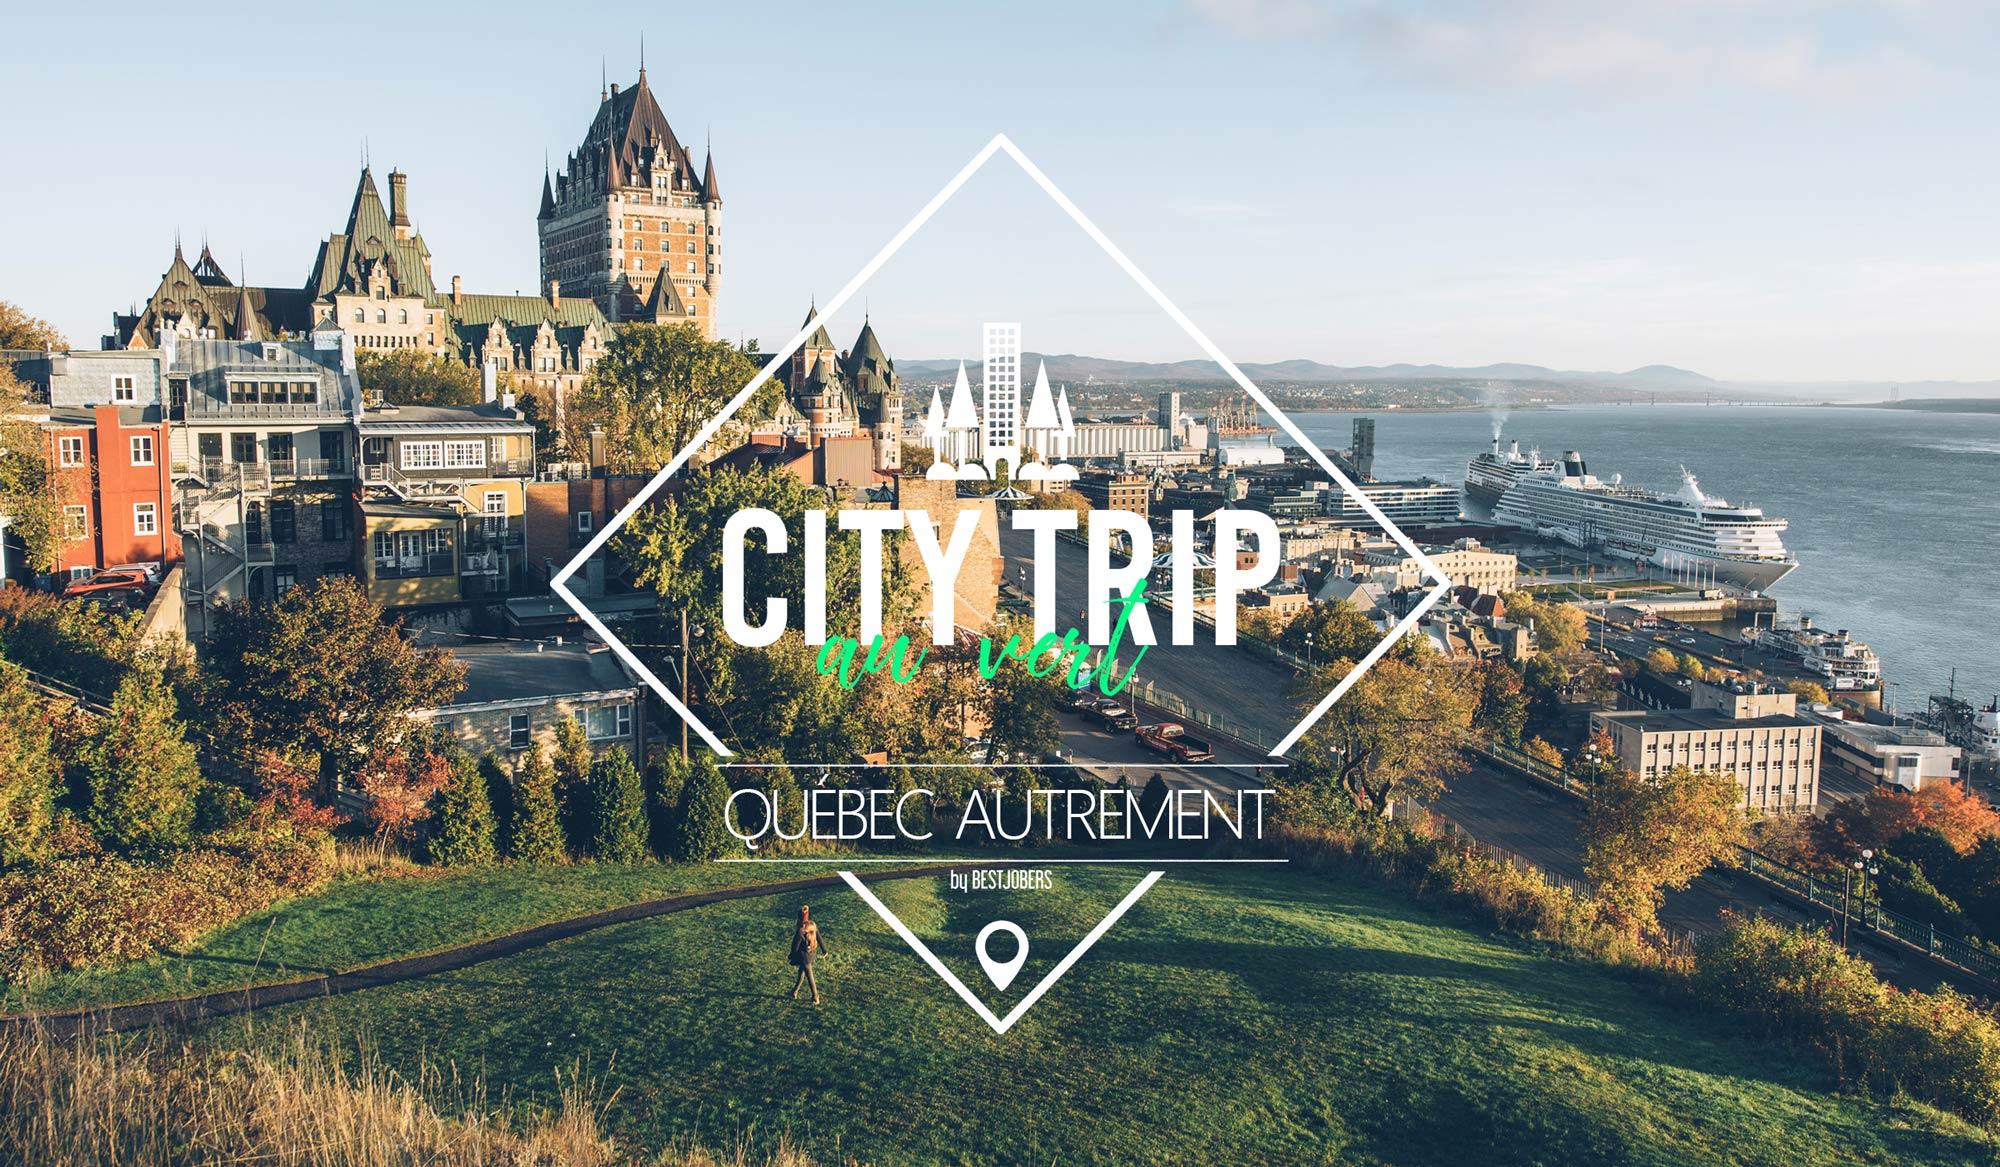 Visiter la ville de Québec Autrement